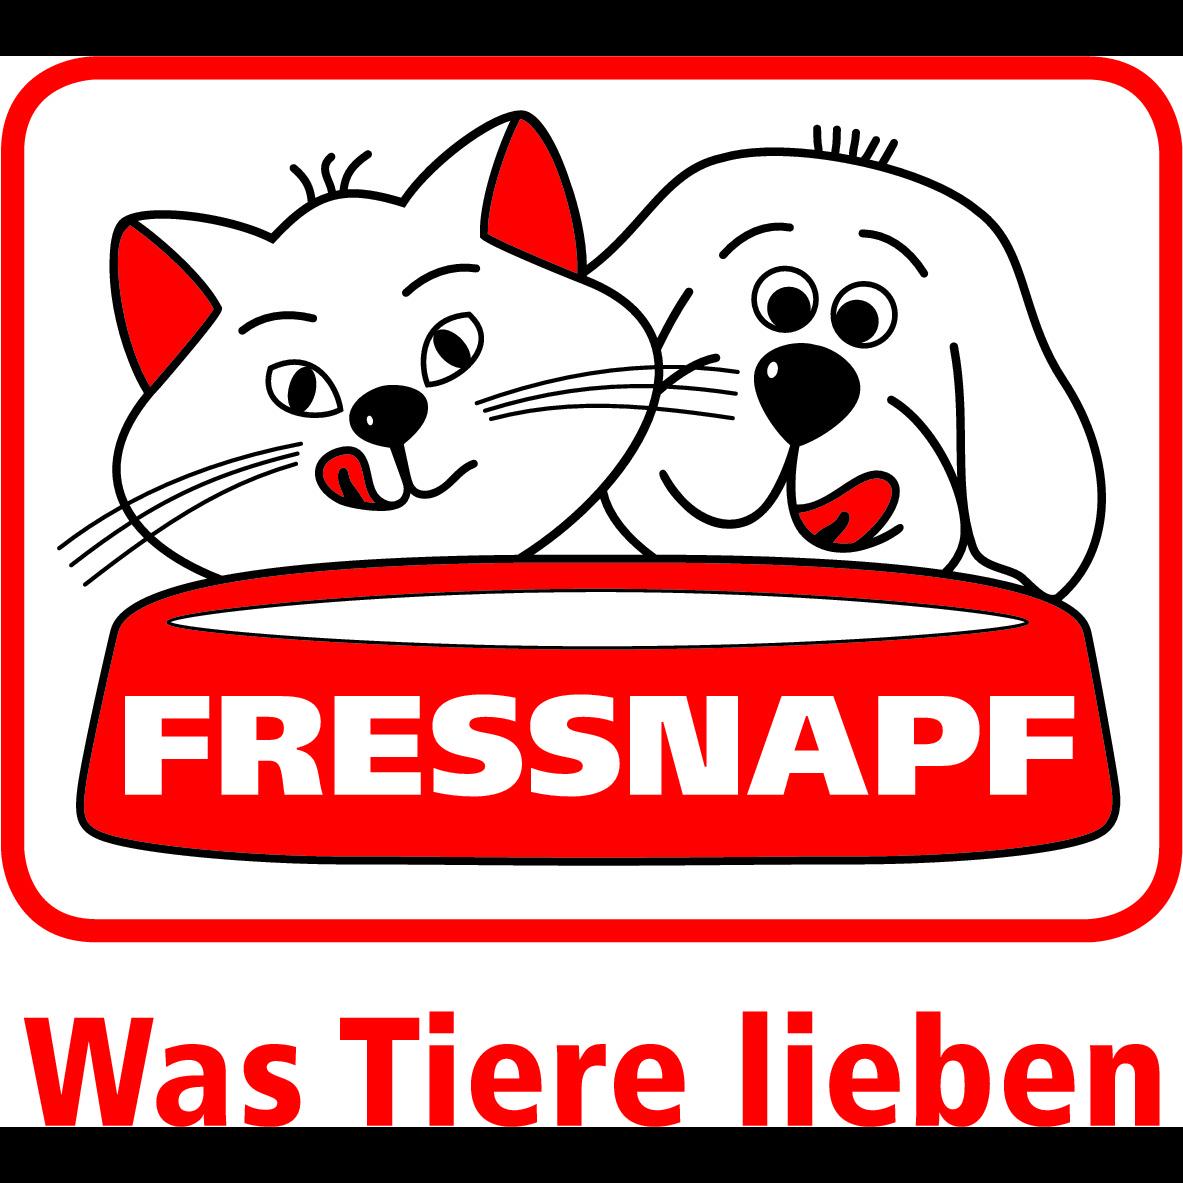 Fressnapf Stuttgart-Feuerbach